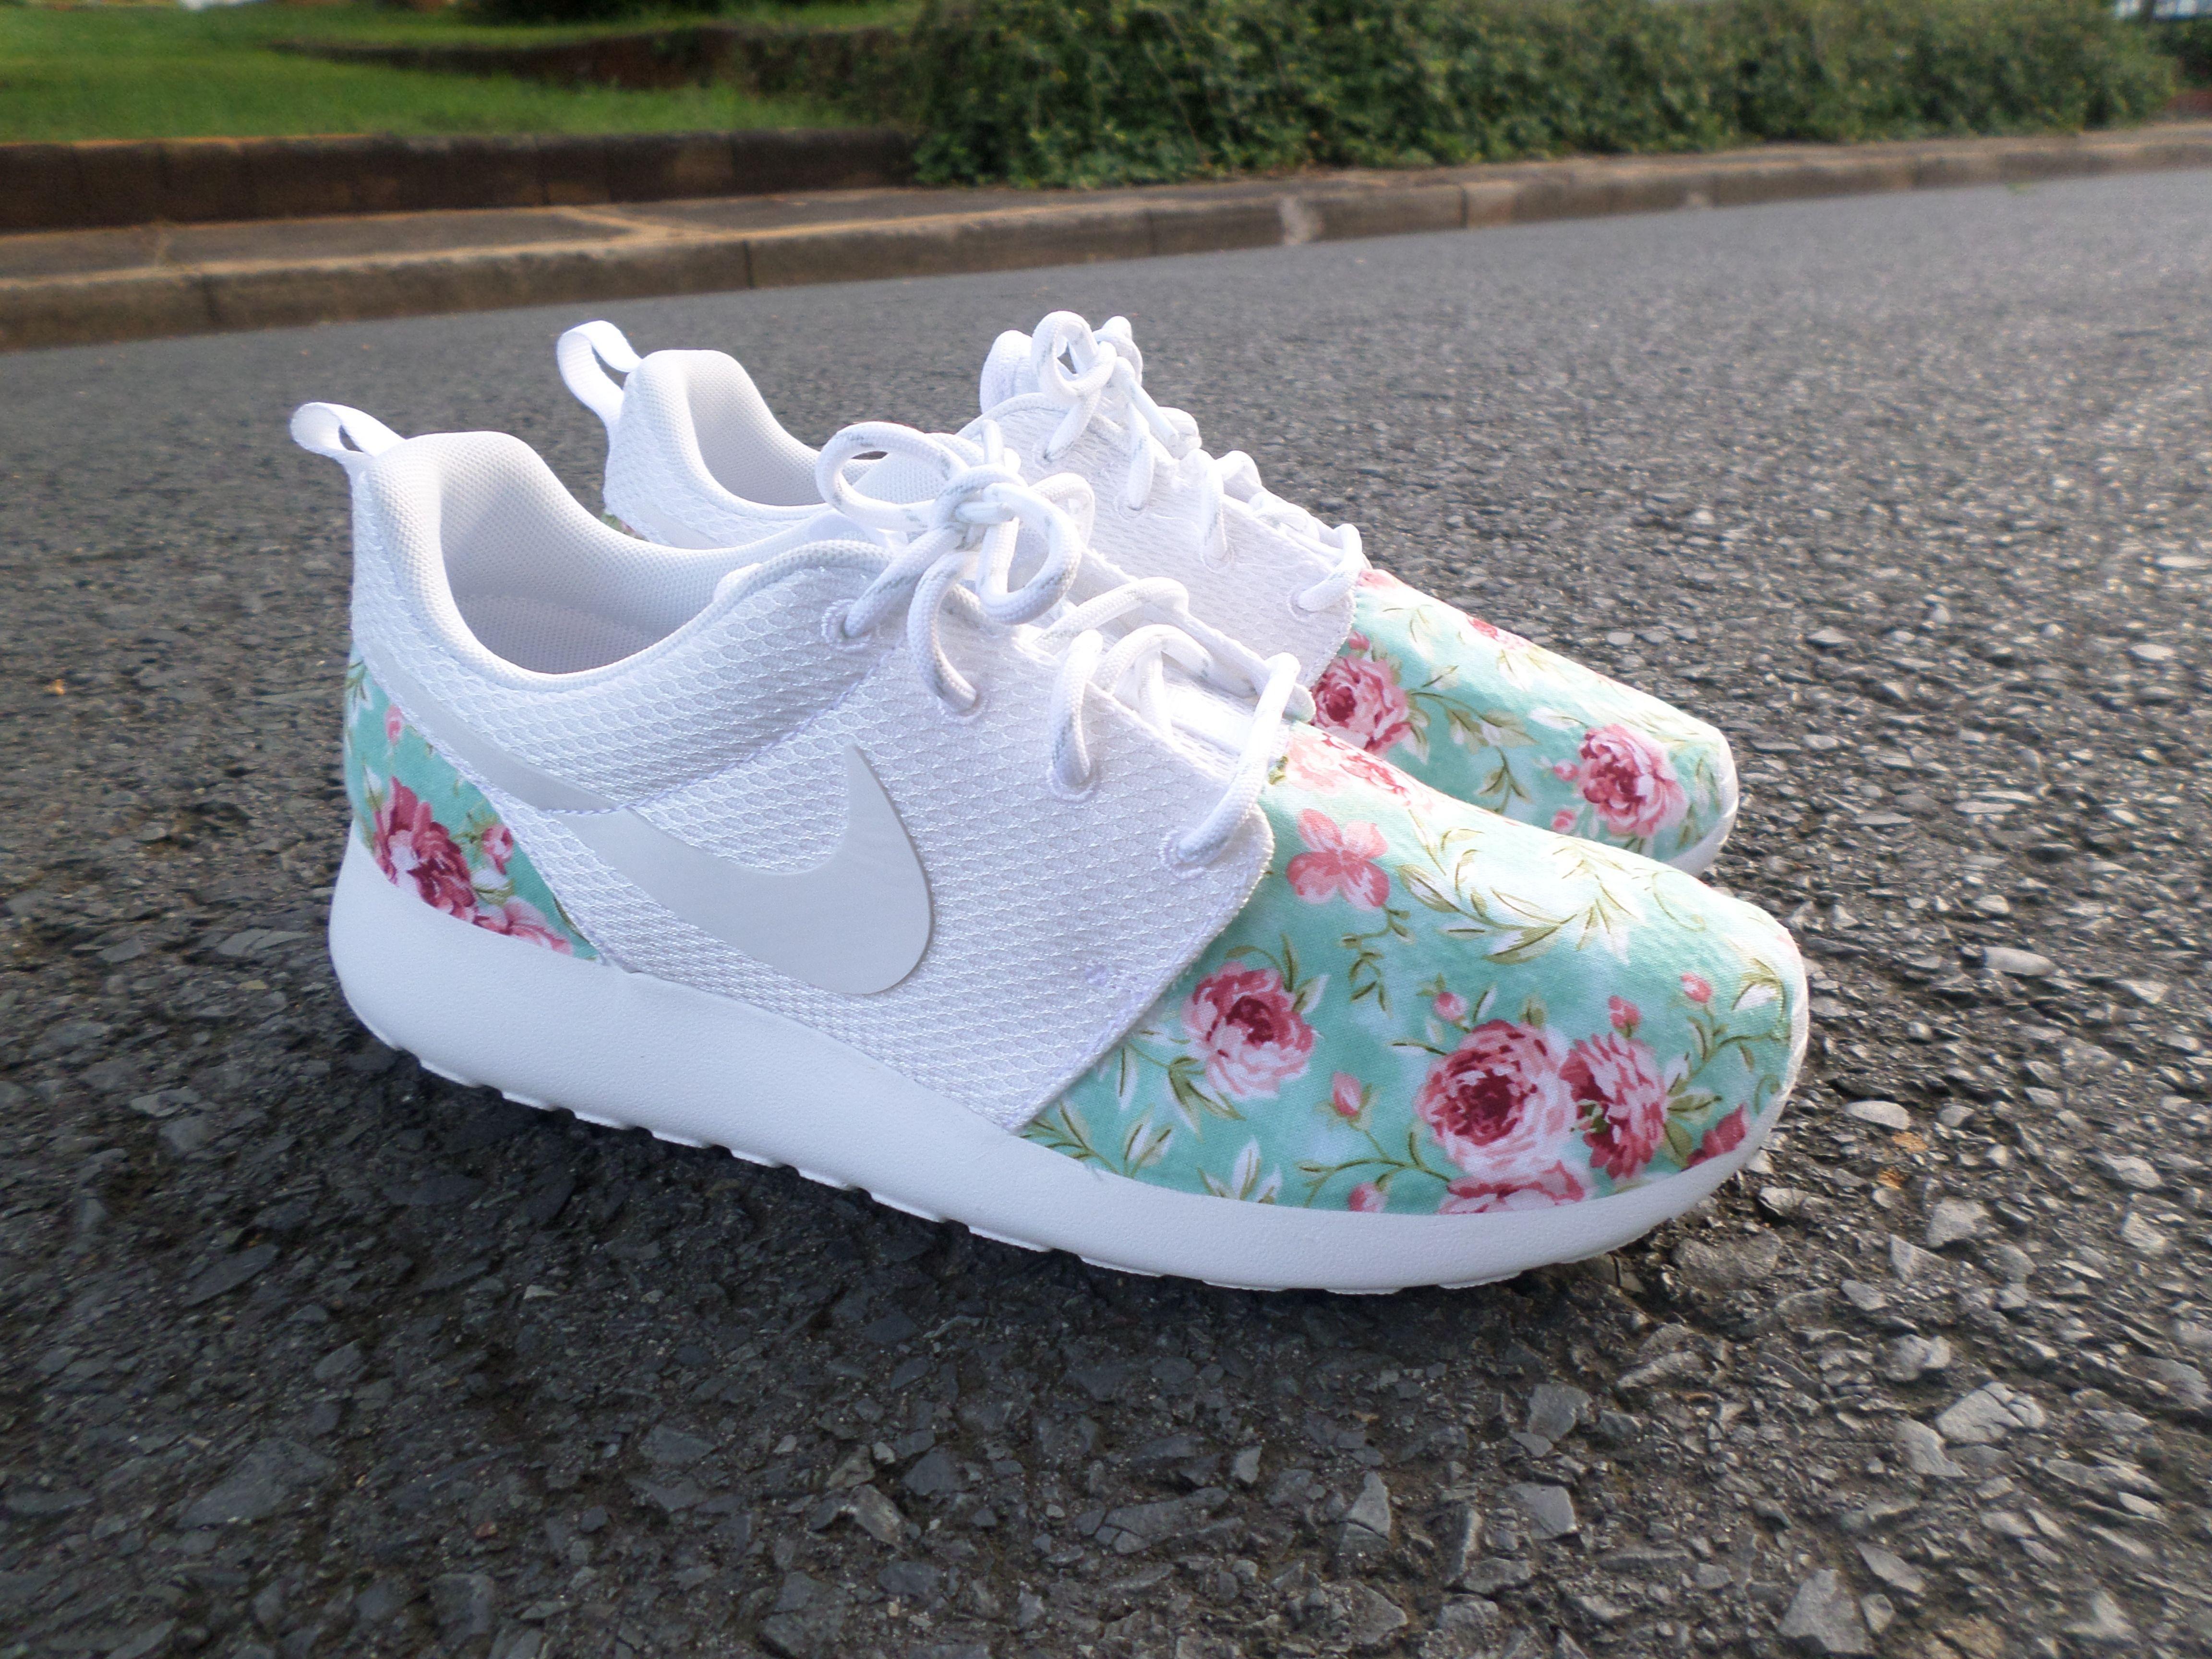 5e39972afb43 Custom Nike Roshe Run White White Rose Floral